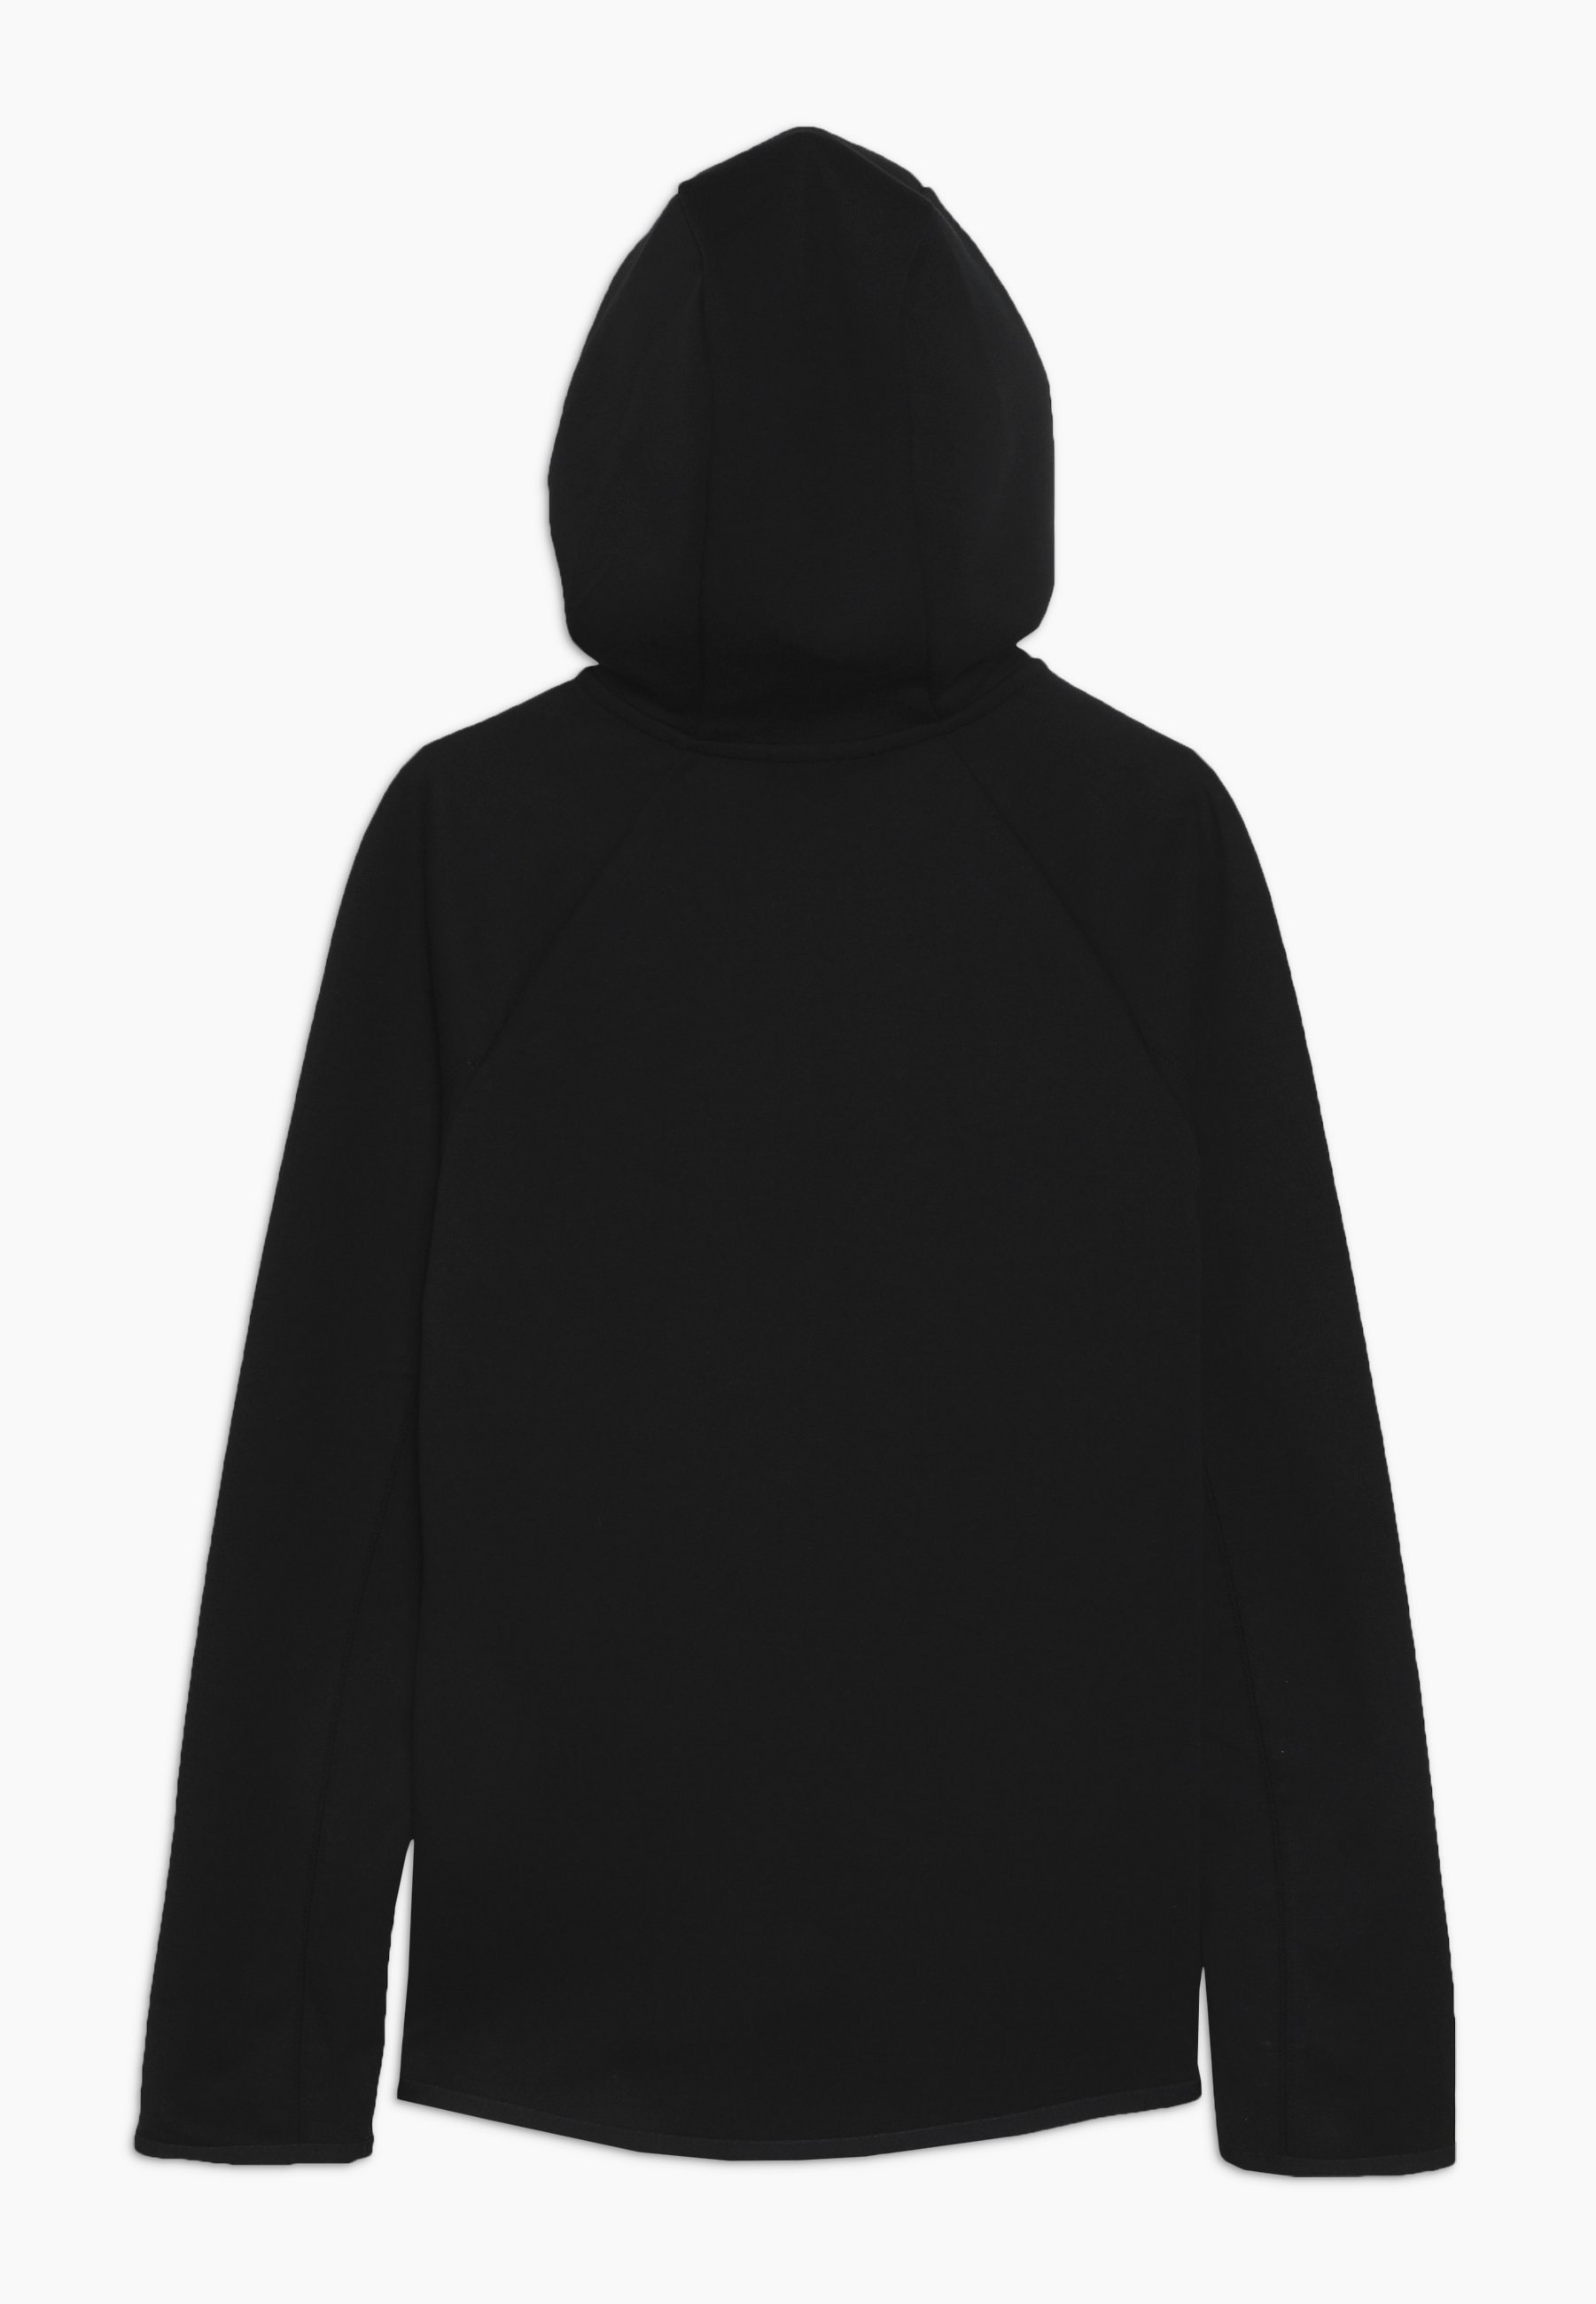 TECH FLEECE ESSENTIALS veste en sweat zippée blackwhite